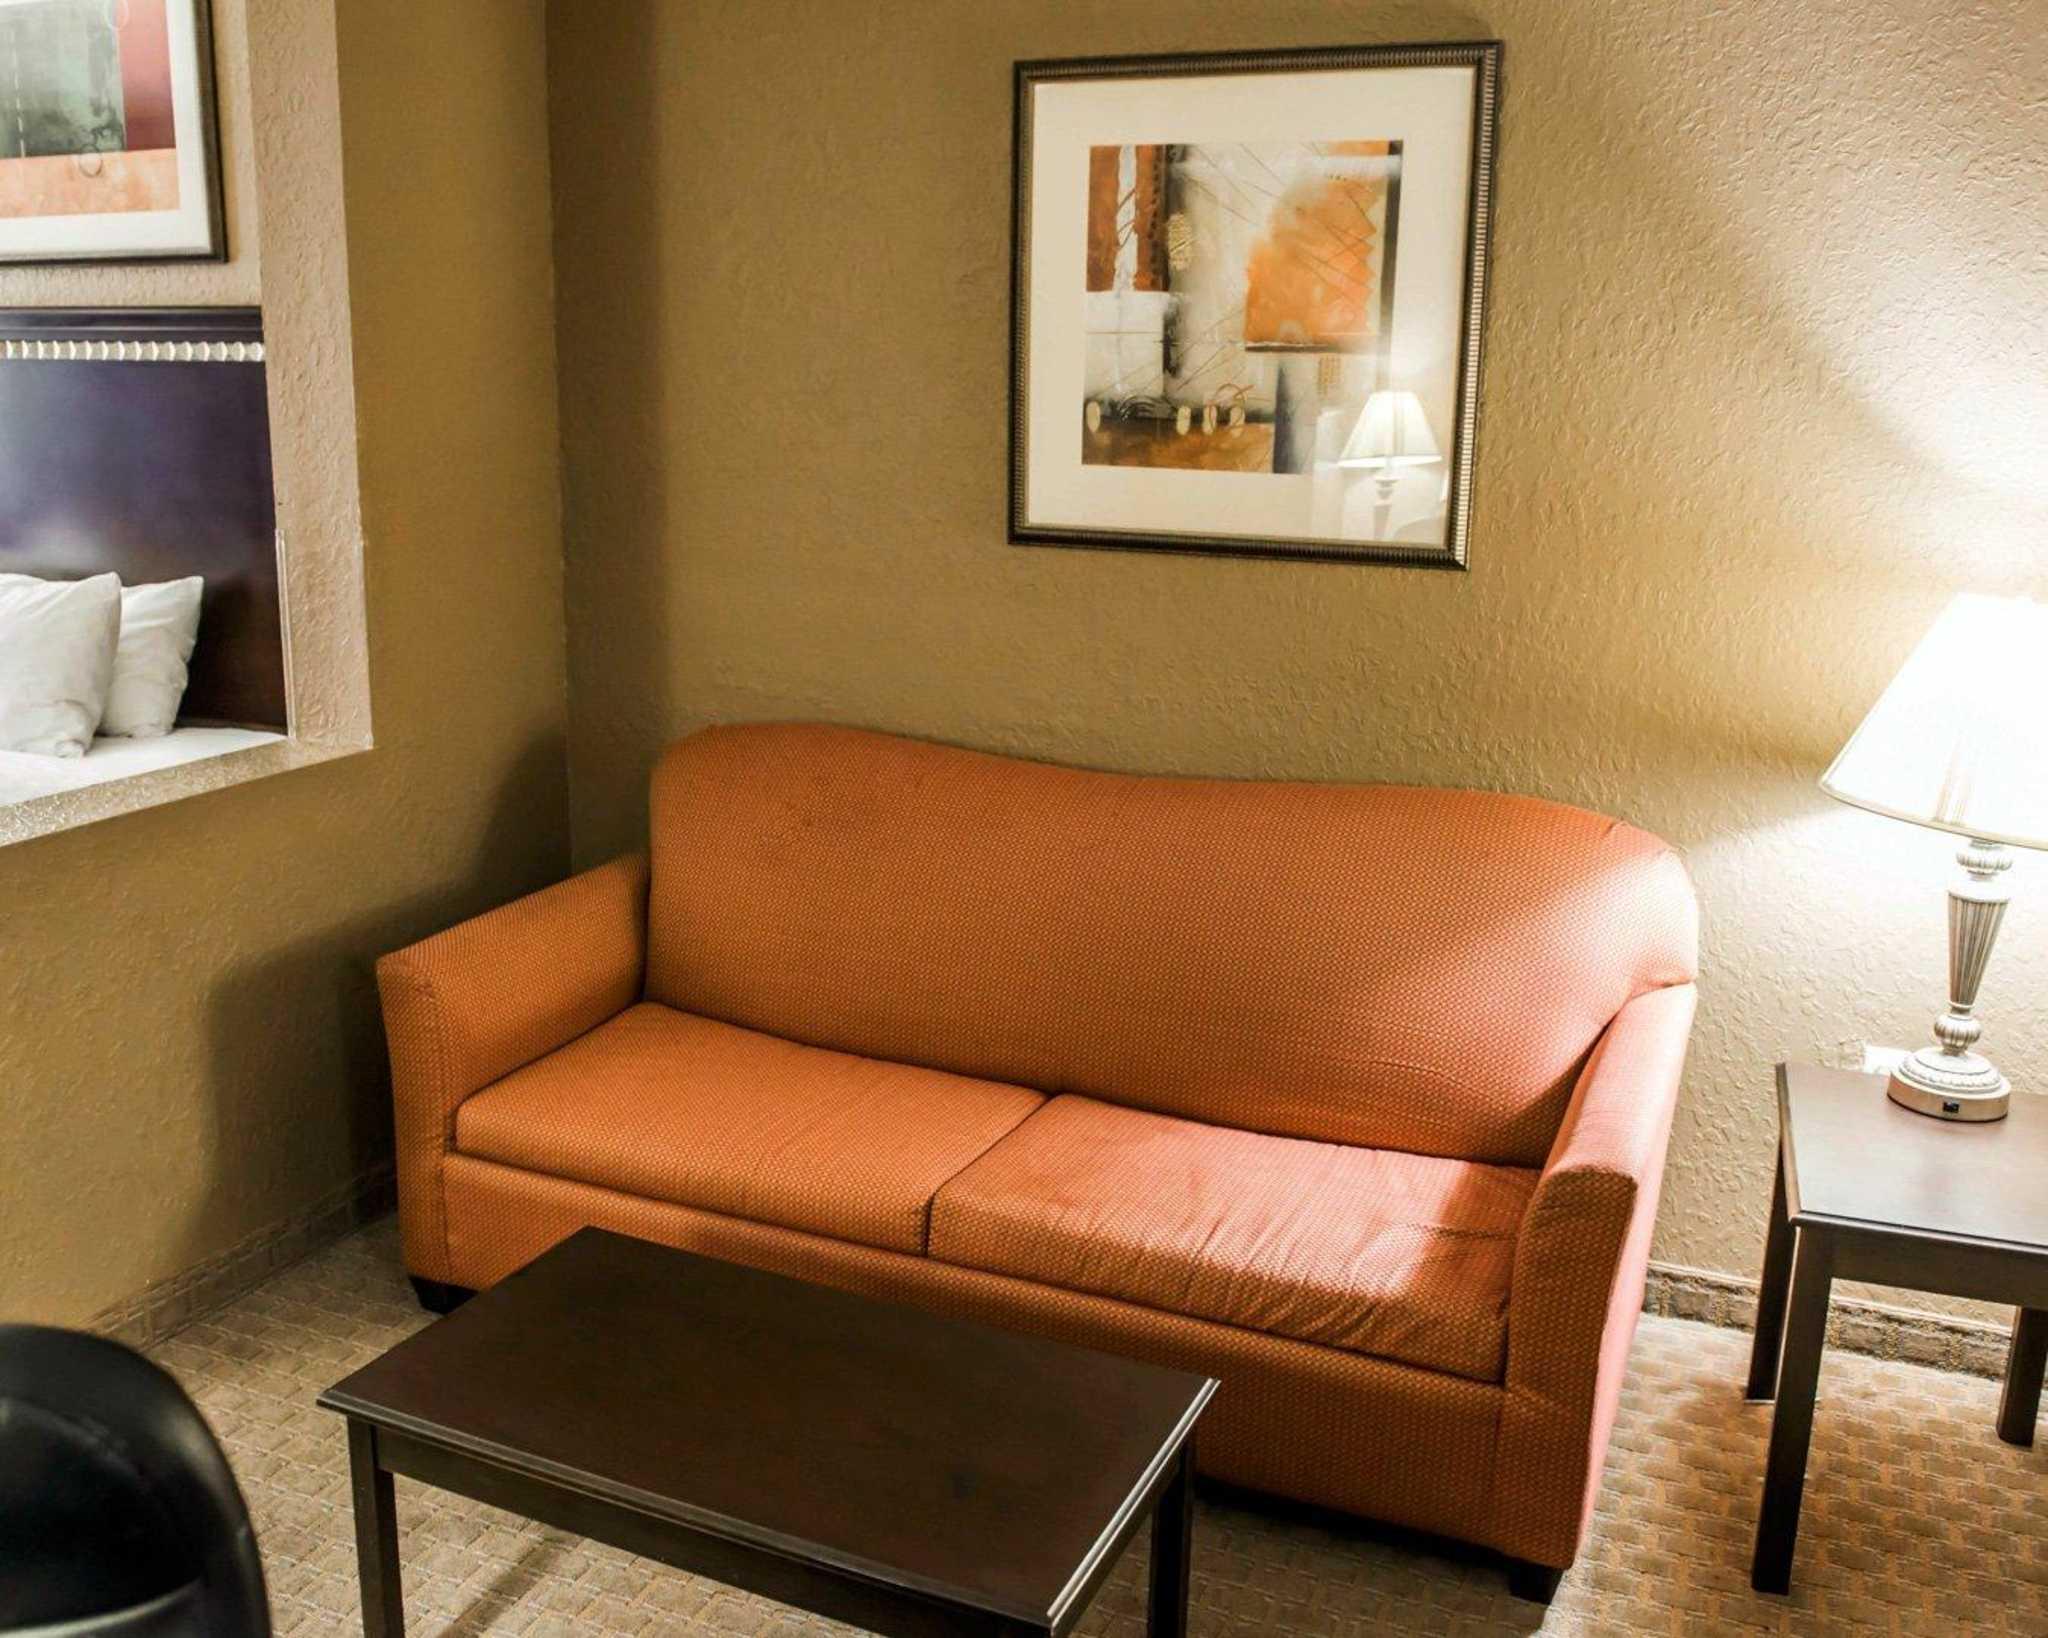 Comfort Inn & Suites Marianna I-10 image 8